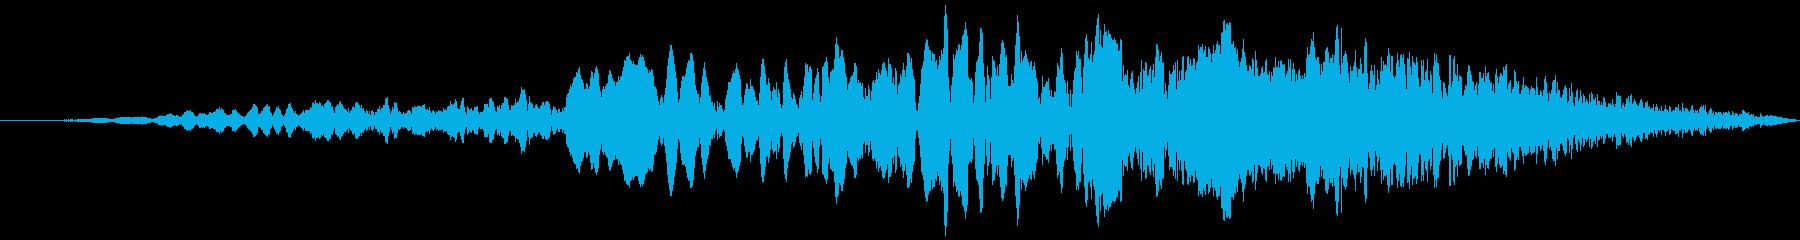 車 レース ブレーキ/タイヤスキール音6の再生済みの波形